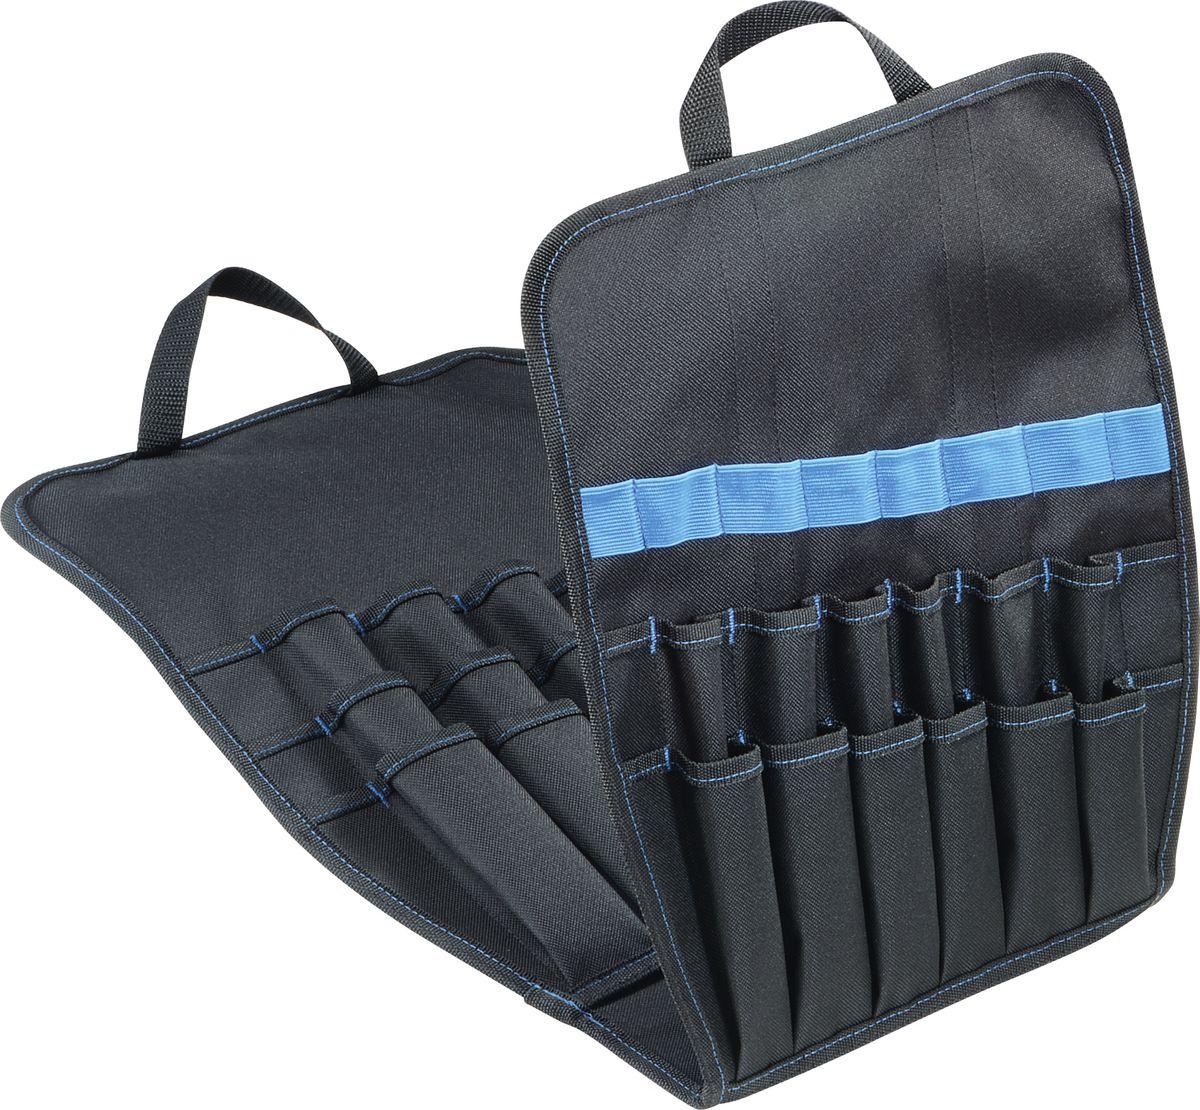 HEYTEC, Rucksack für Werkzeugsortimente, leer, 50810520000 – Bild 7